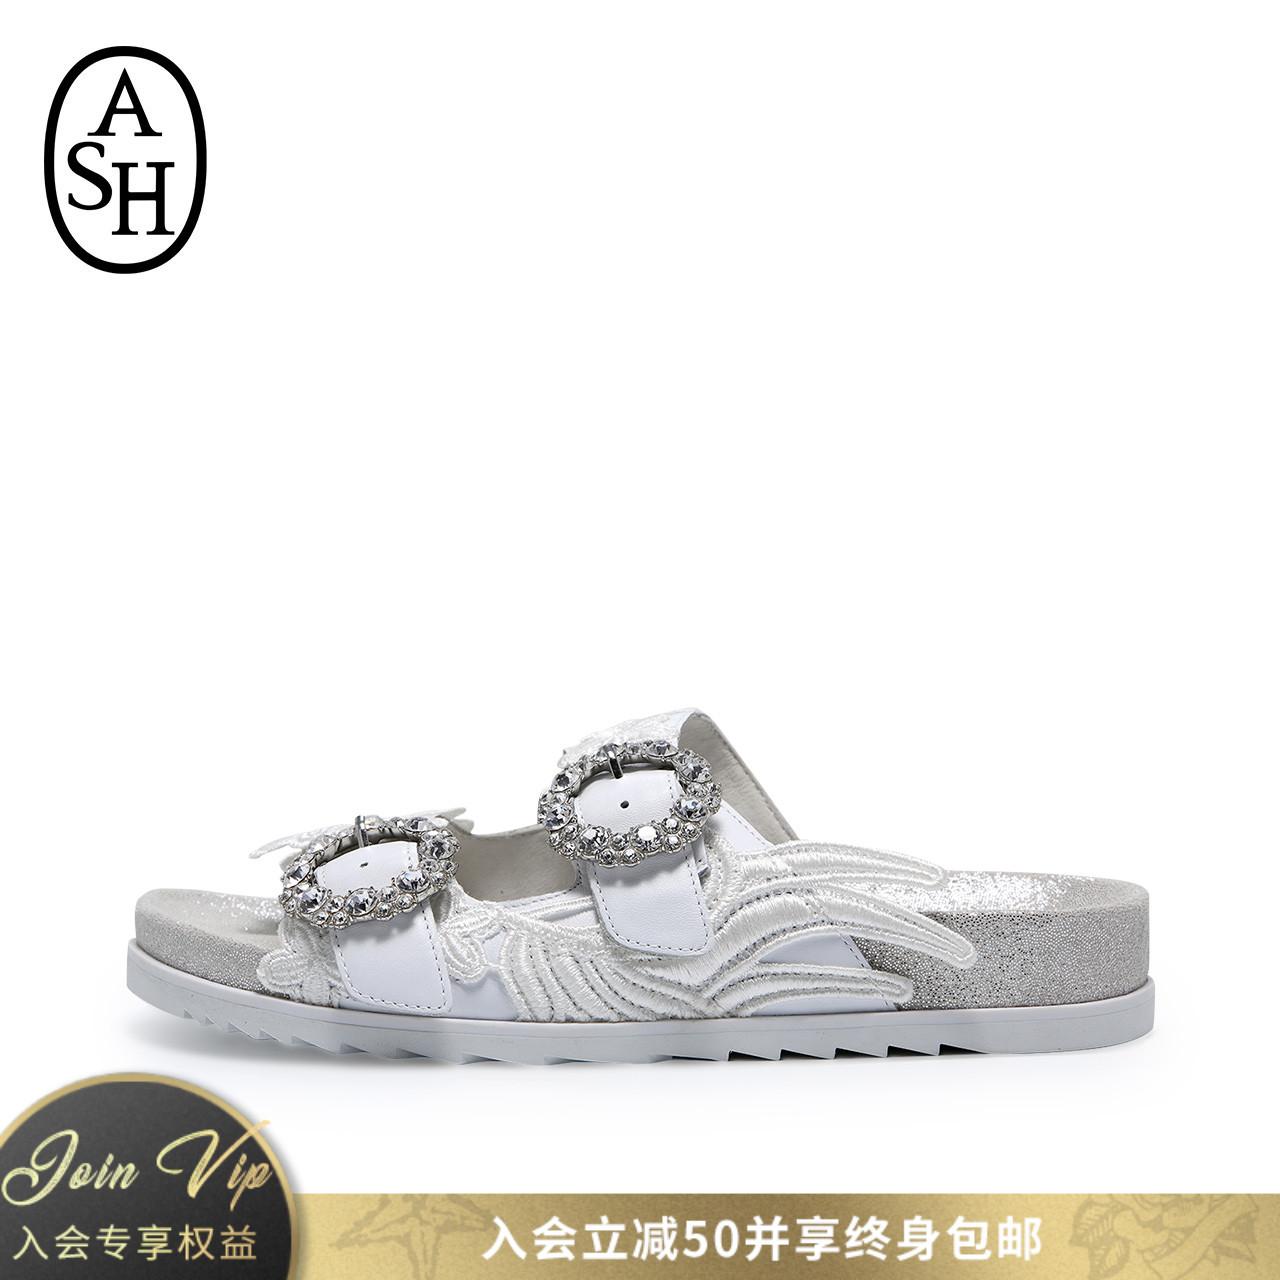 ASH女鞋2018夏季新款UMA系列性感羽毛装饰羊皮双排搭扣凉鞋